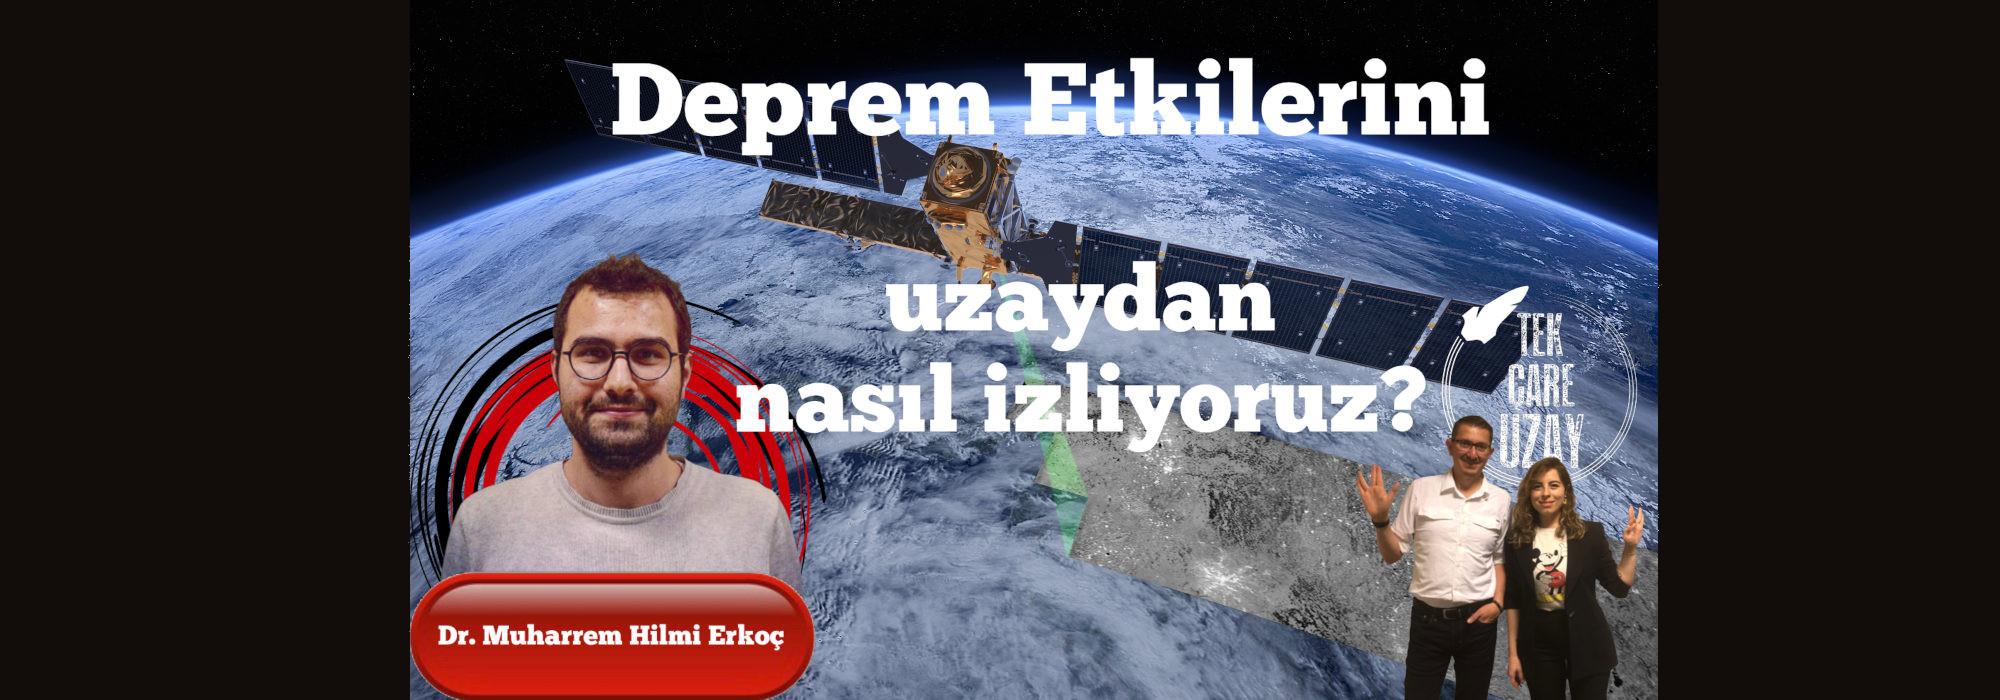 Deprem etkilerinin uzaydan izlenmesi, Konuk: Dr Muharrem Hilmi Erkoç